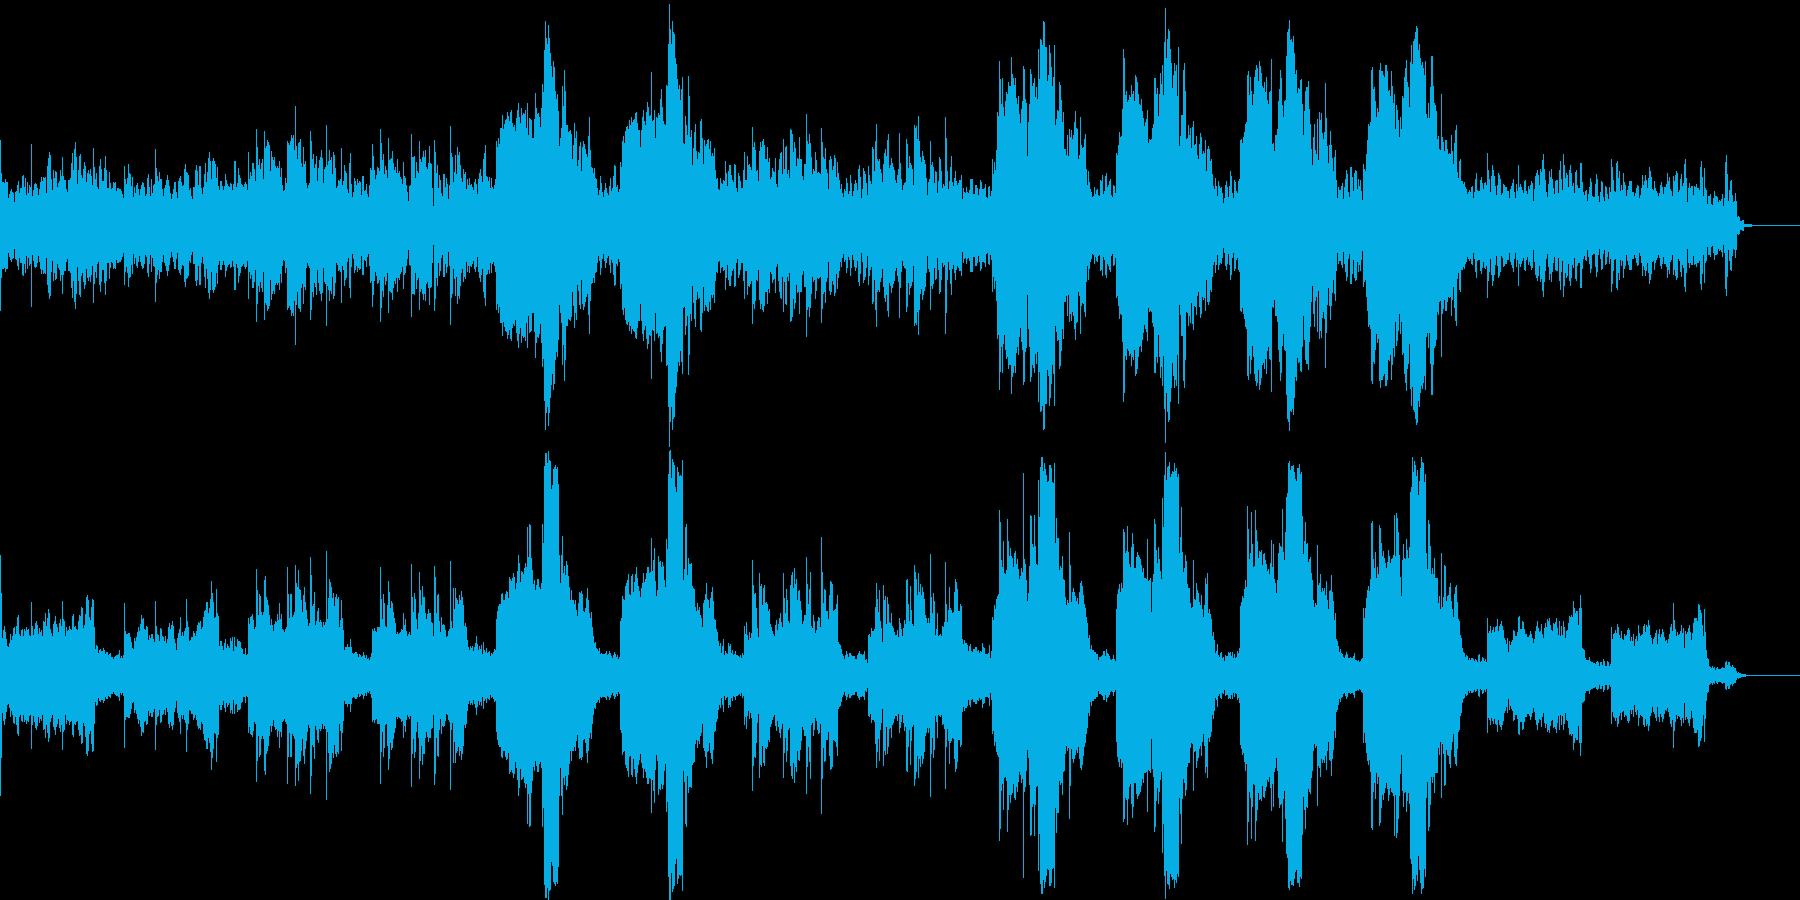 幻想的で美しいリラクゼーション曲の再生済みの波形